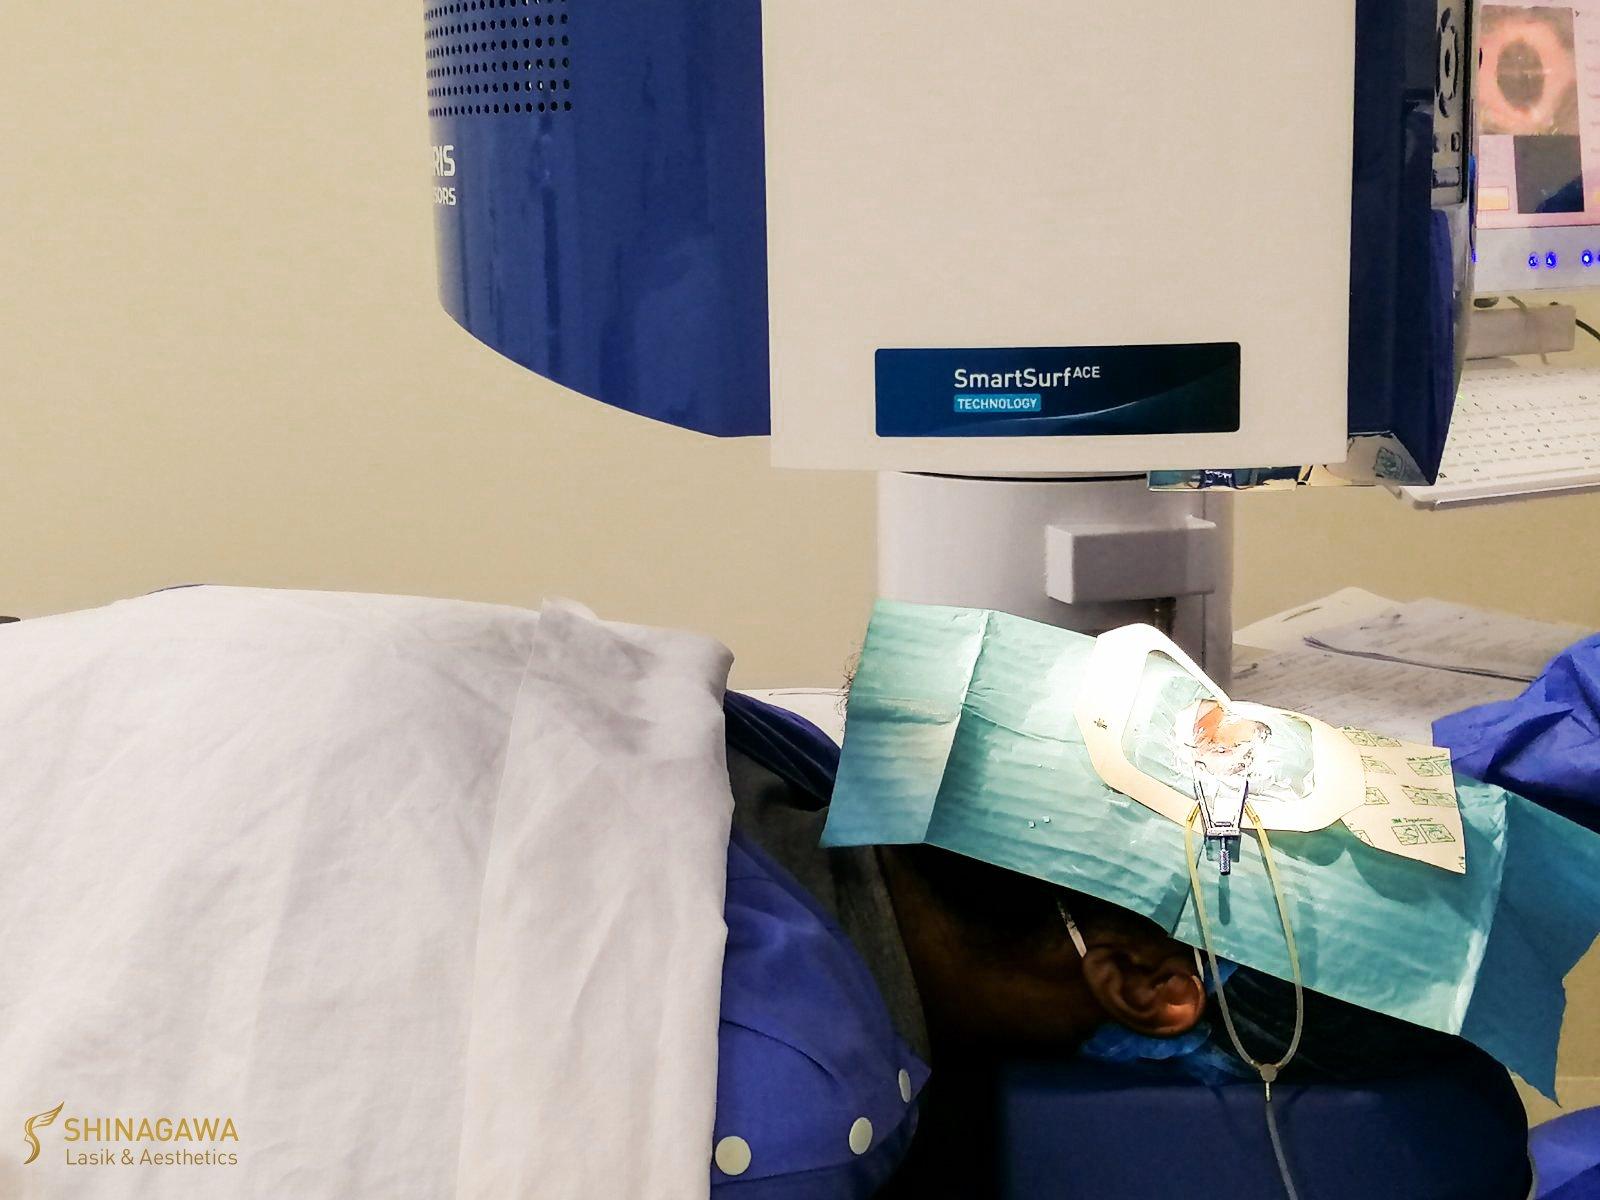 Mo Tautuaa's ULTRA LASIK Surgery at Shinagawa Lasik Center BGC